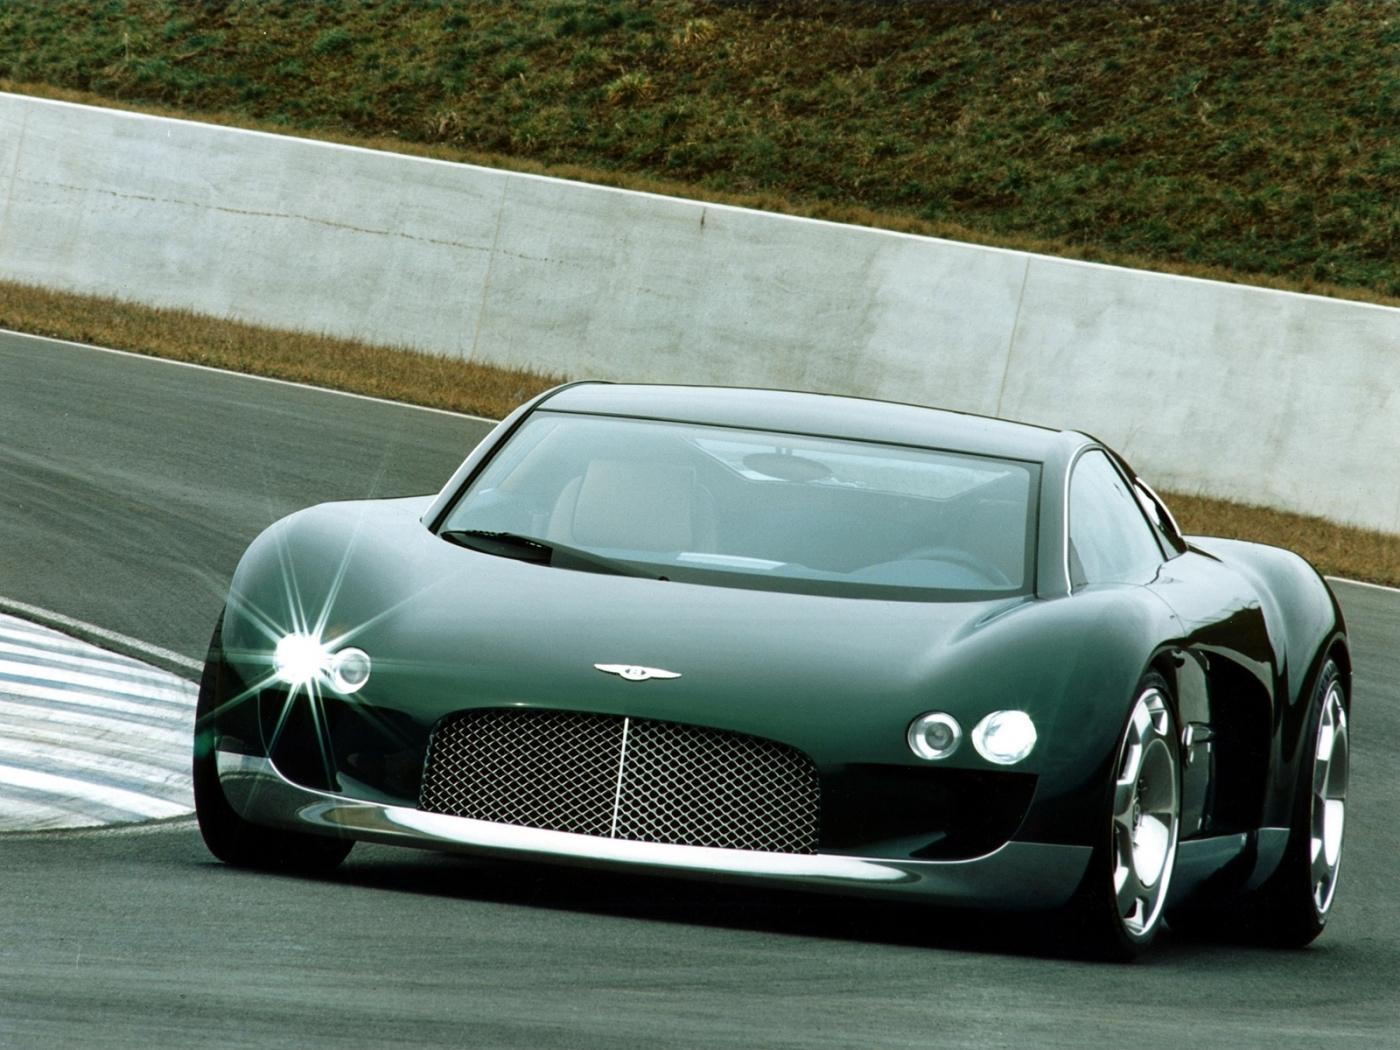 27147 скачать обои Транспорт, Машины, Бэнтли (Bentley) - заставки и картинки бесплатно